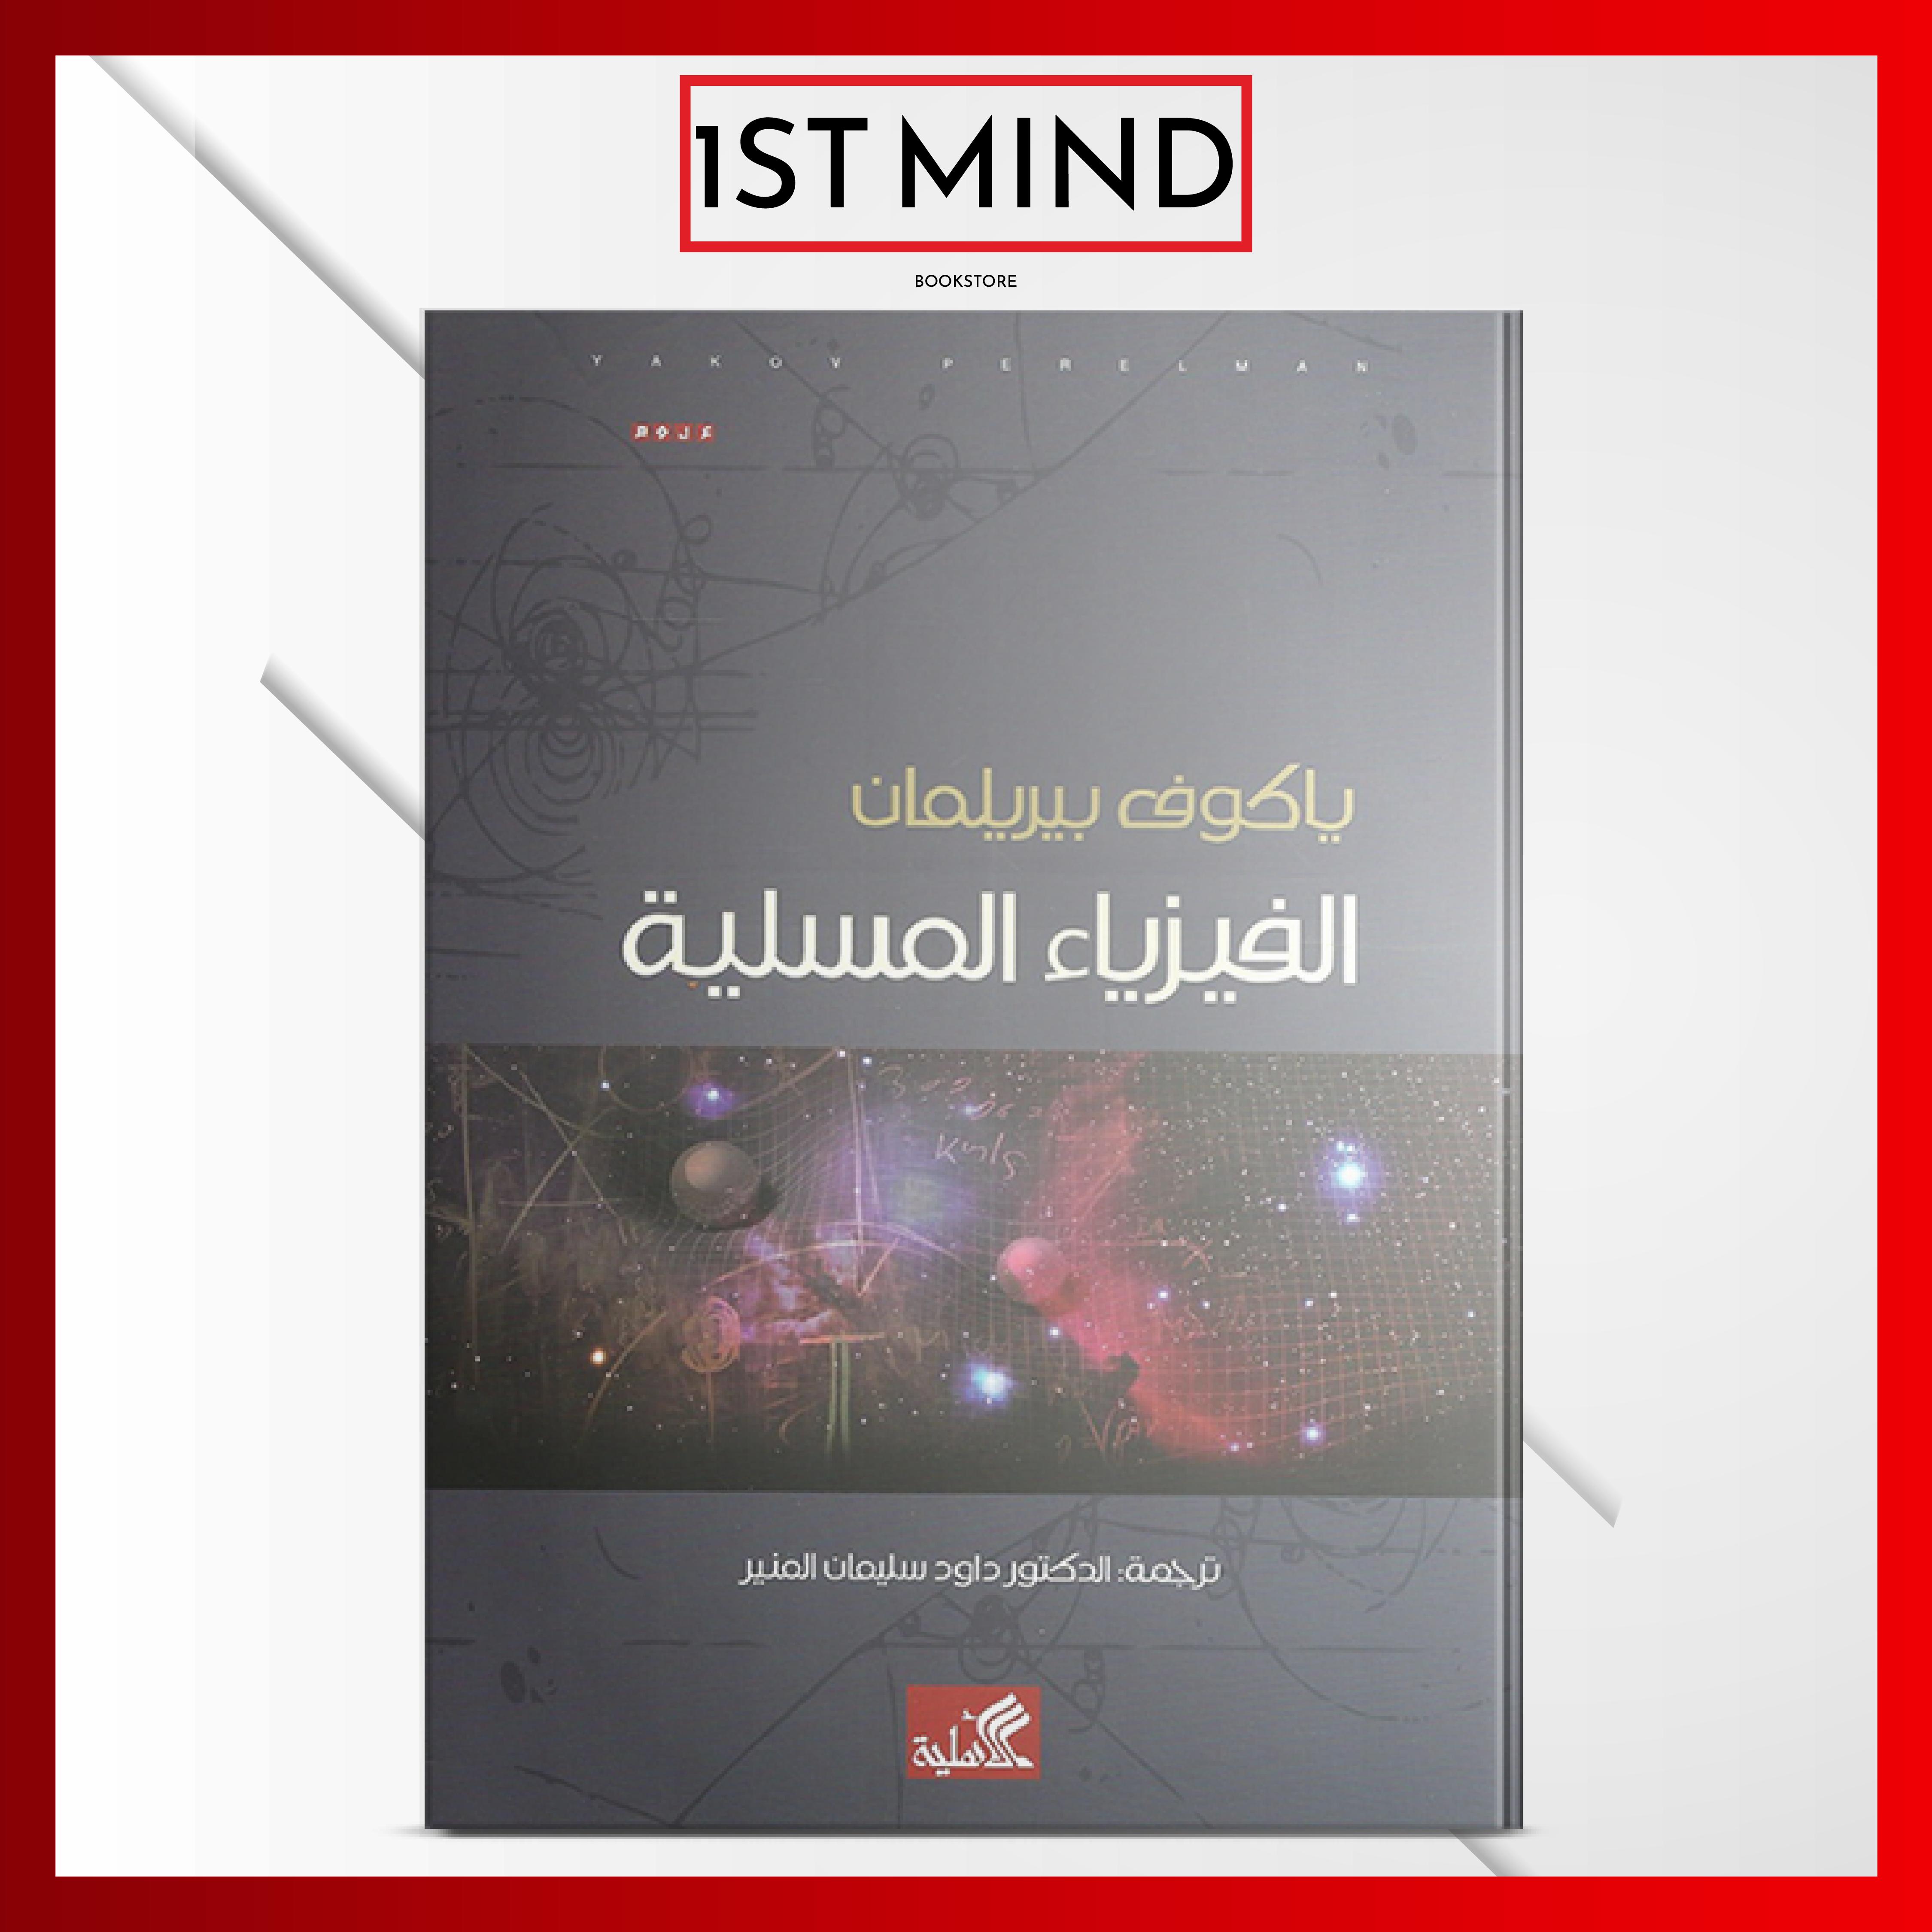 الفيزياء المسلية Books Book Cover Bookstore